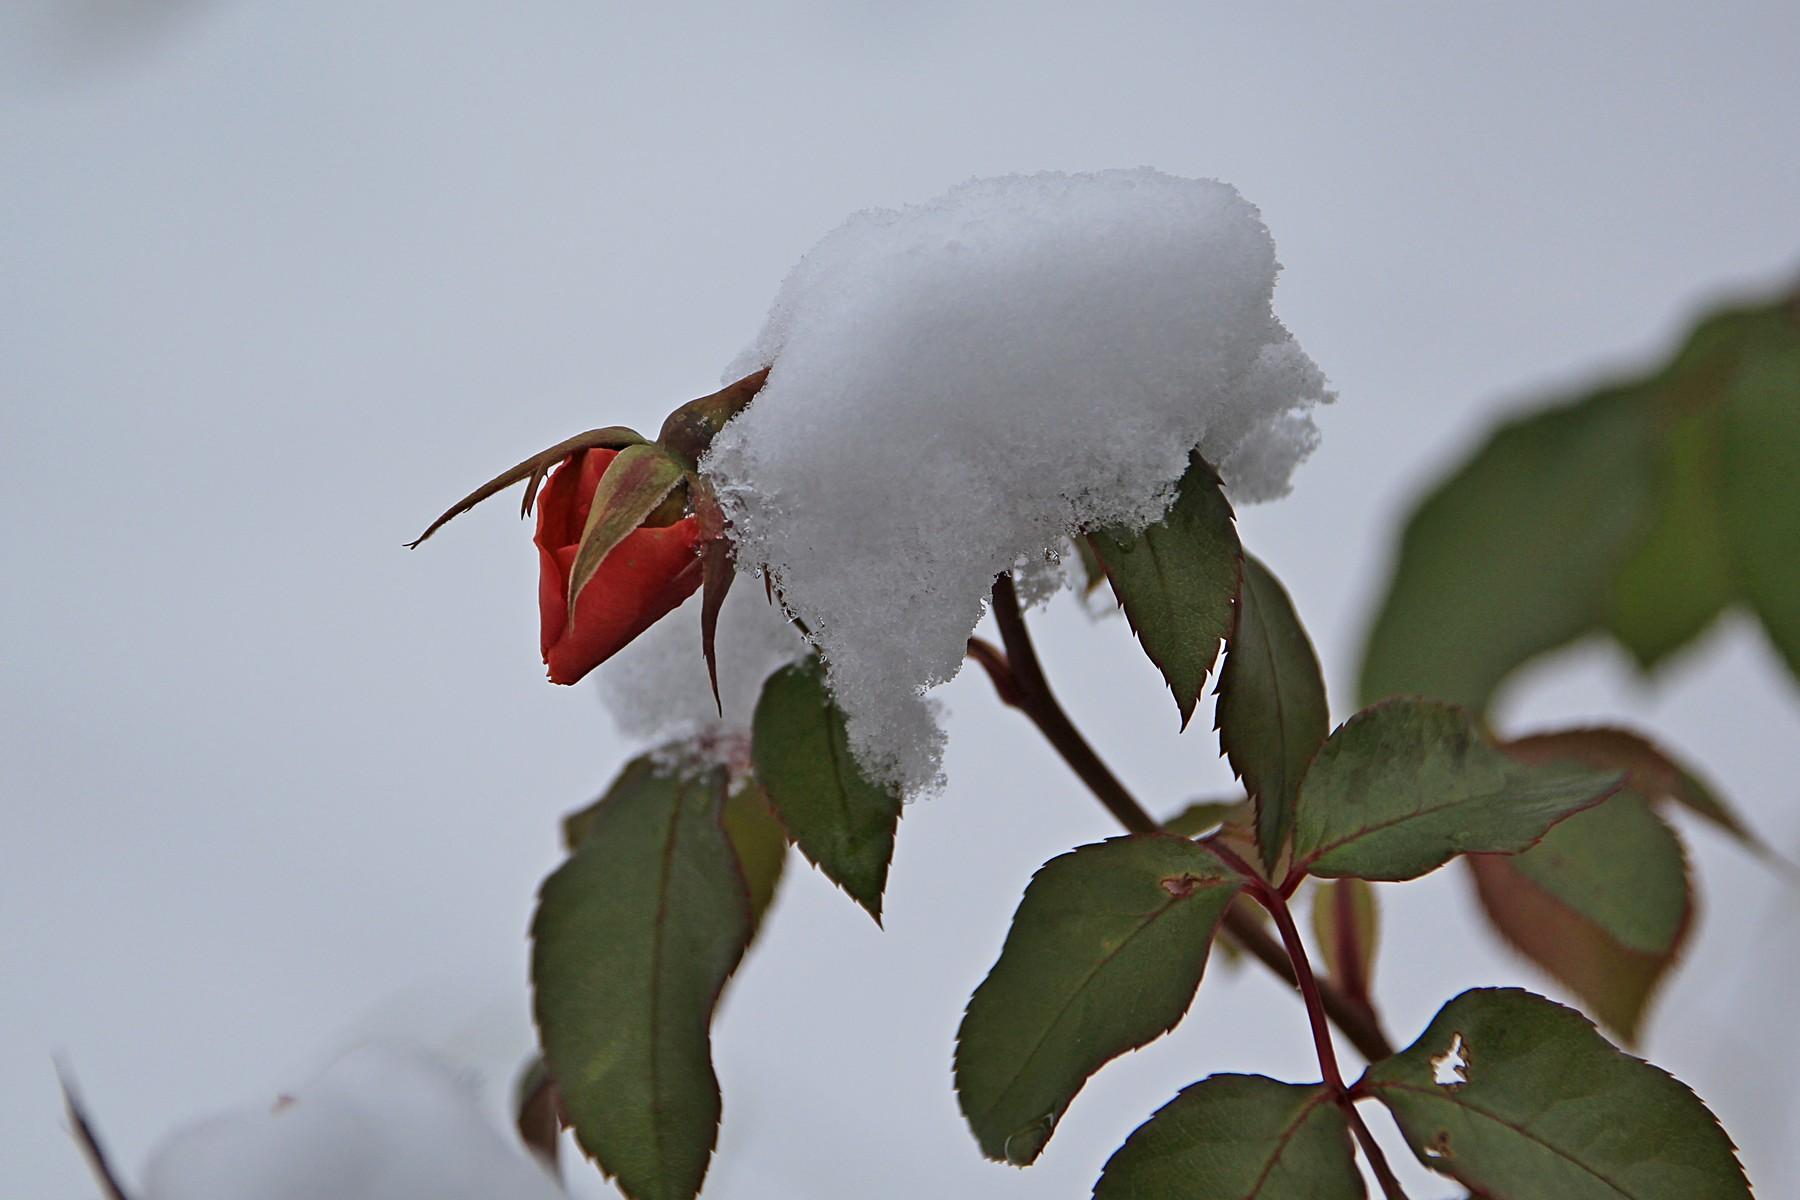 Бутон розы на кусте, засыпанный первым снегом